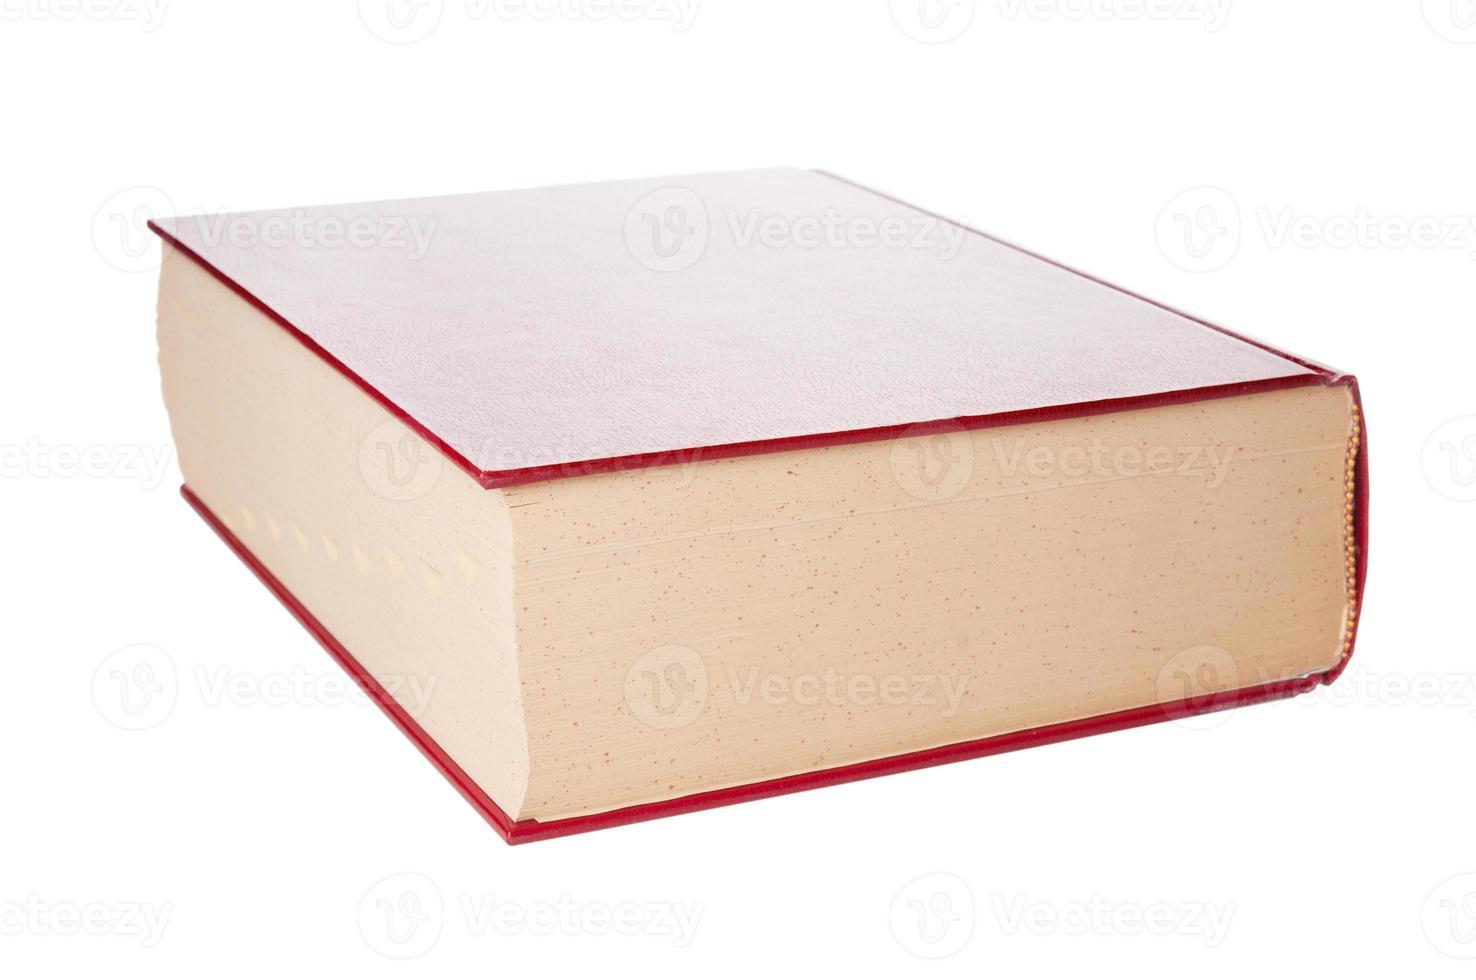 primer diccionario sobre fondo blanco foto